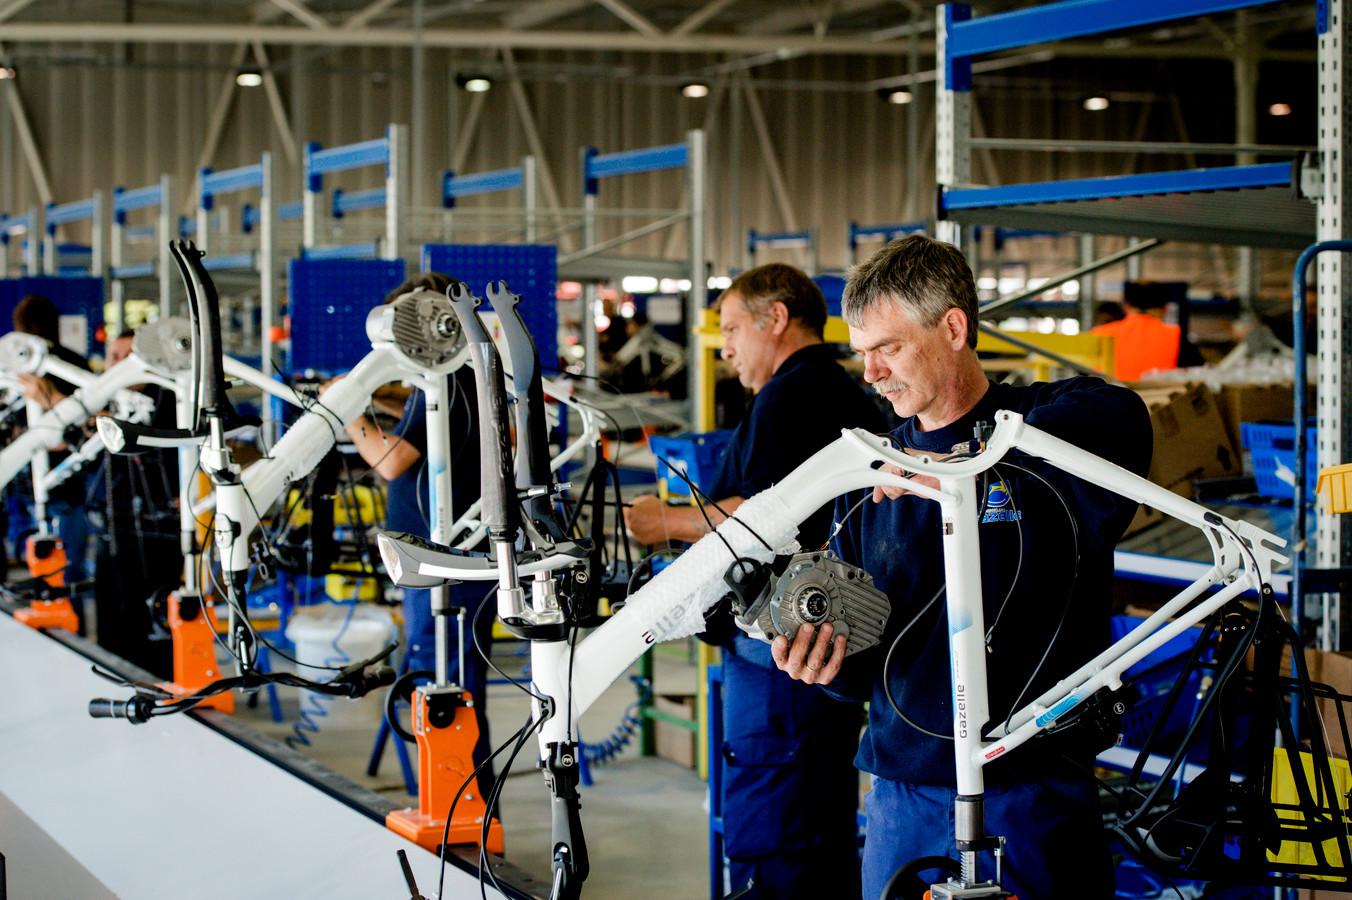 Productieproces in de fabriek van fietsenfabrikant Koninklijke Gazelle.